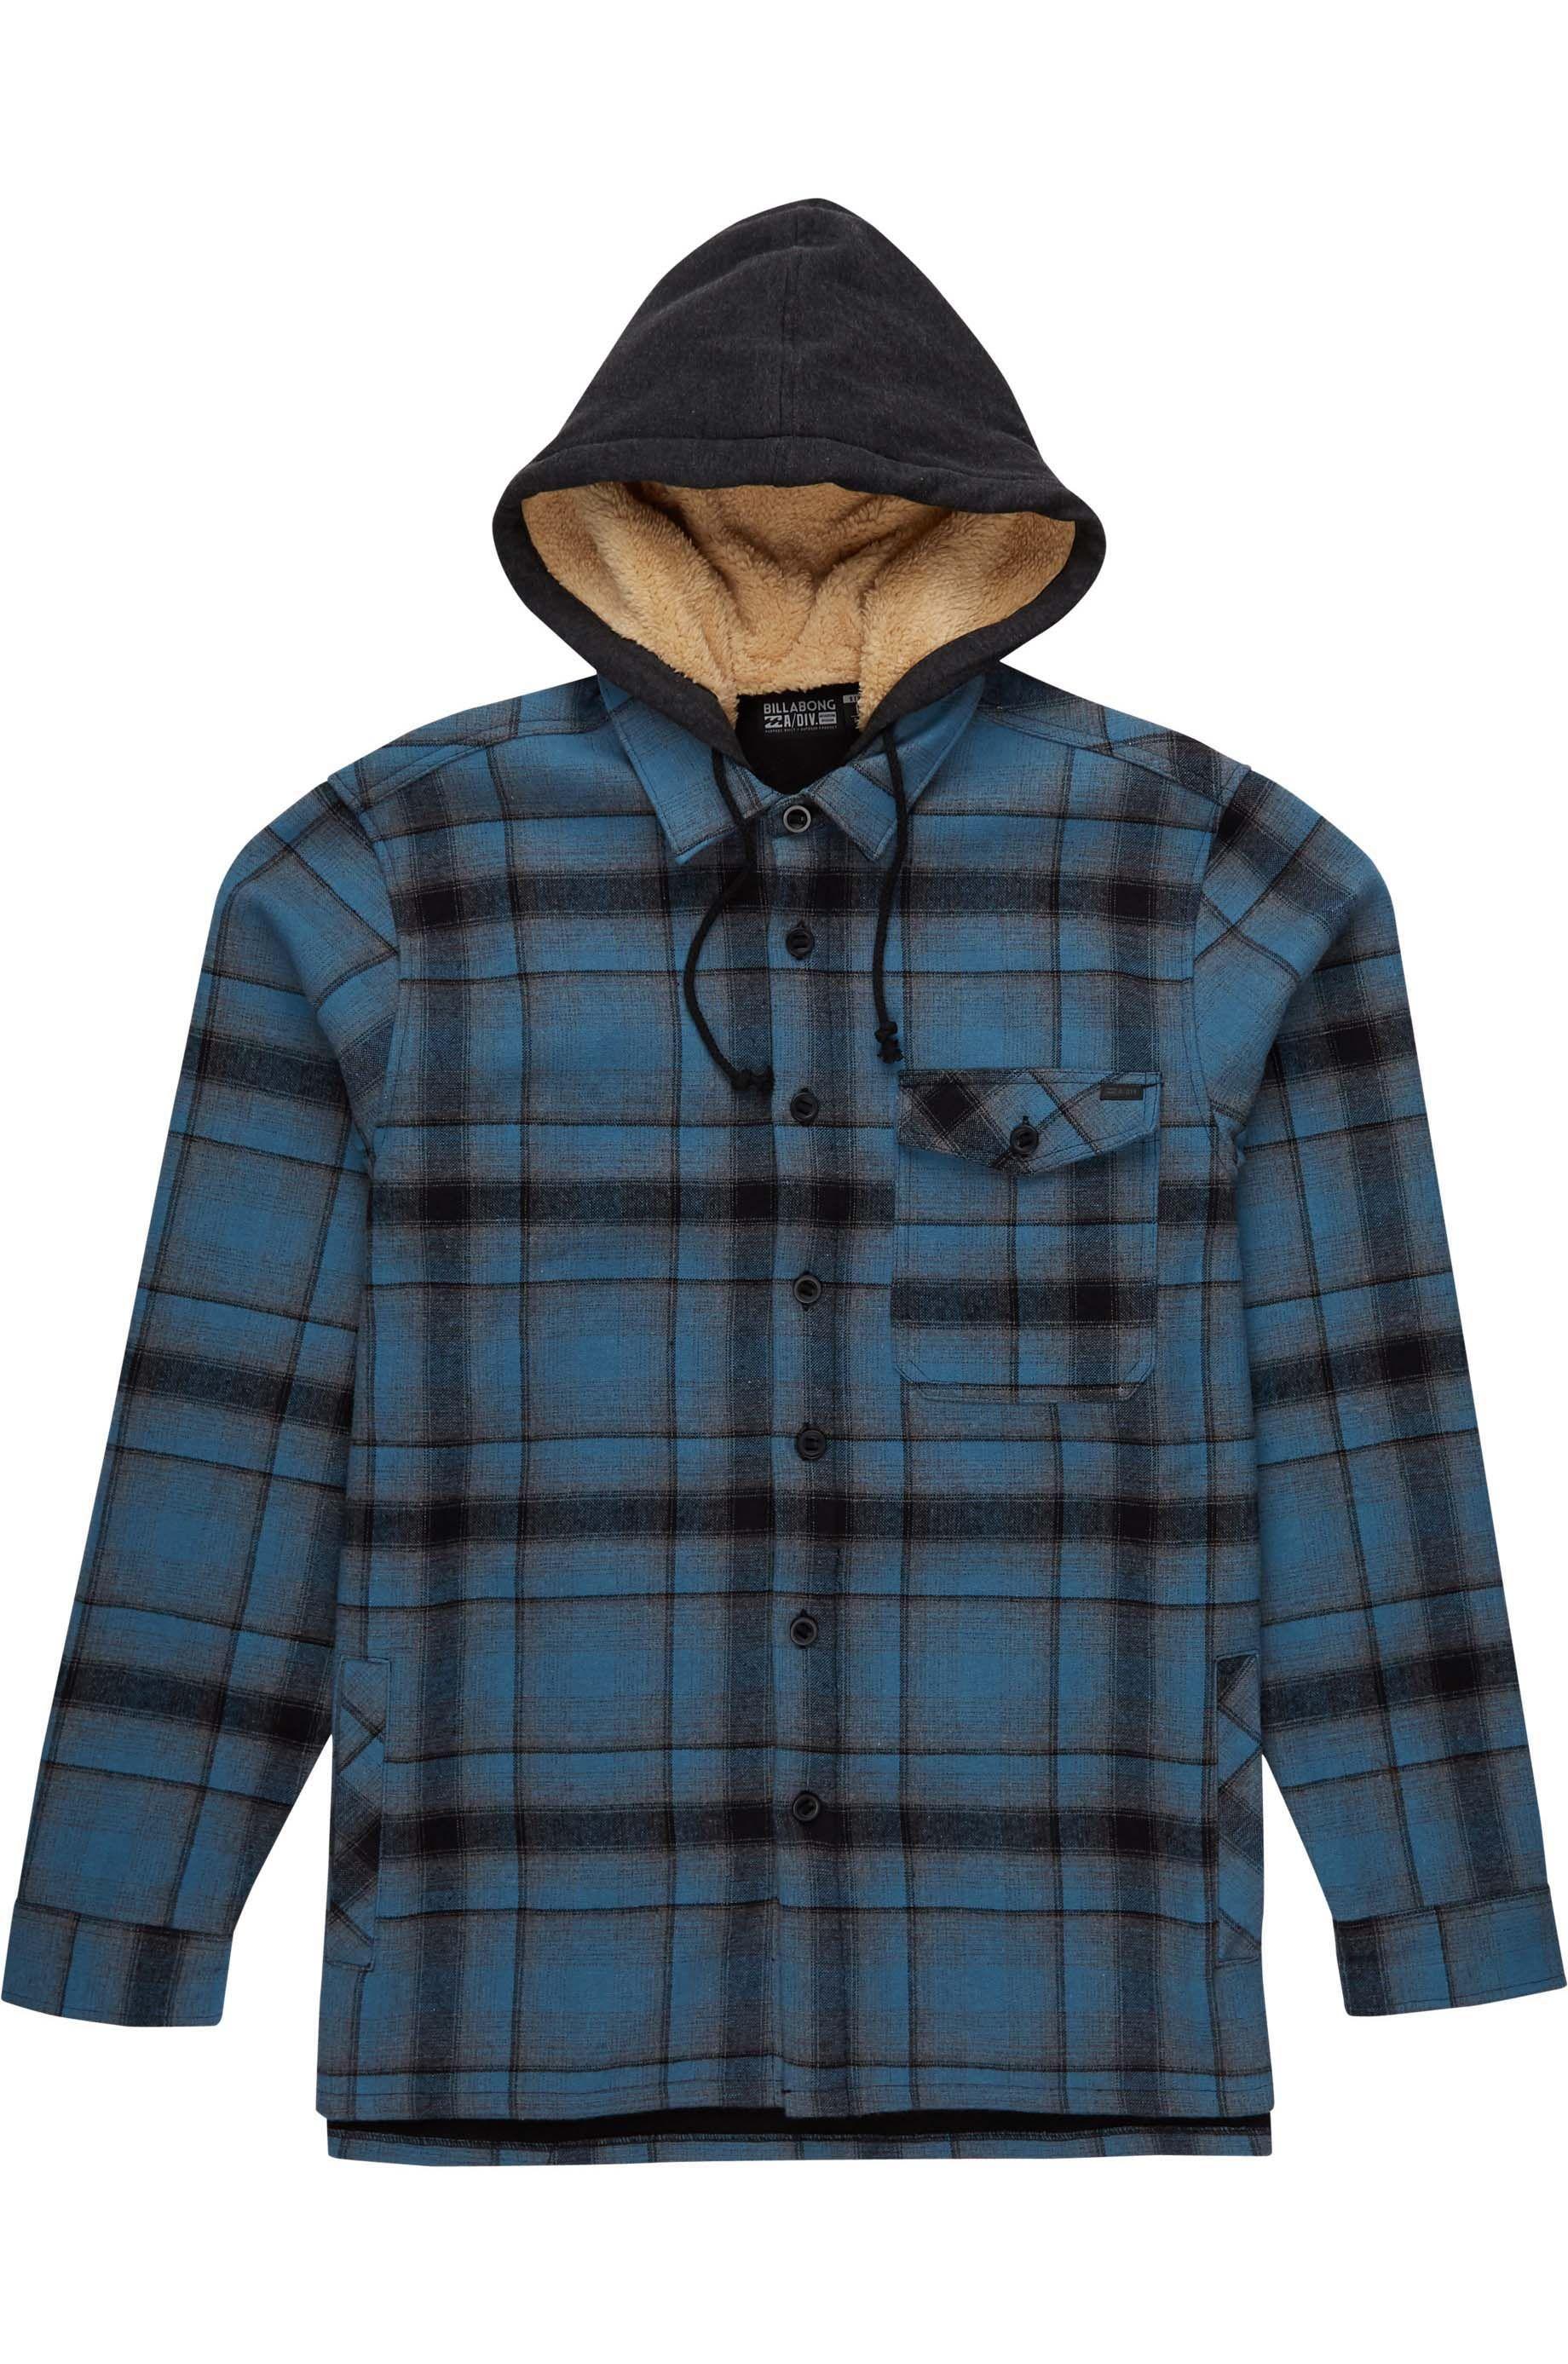 Camisa Billabong FURNACE BONDED Washed Blue